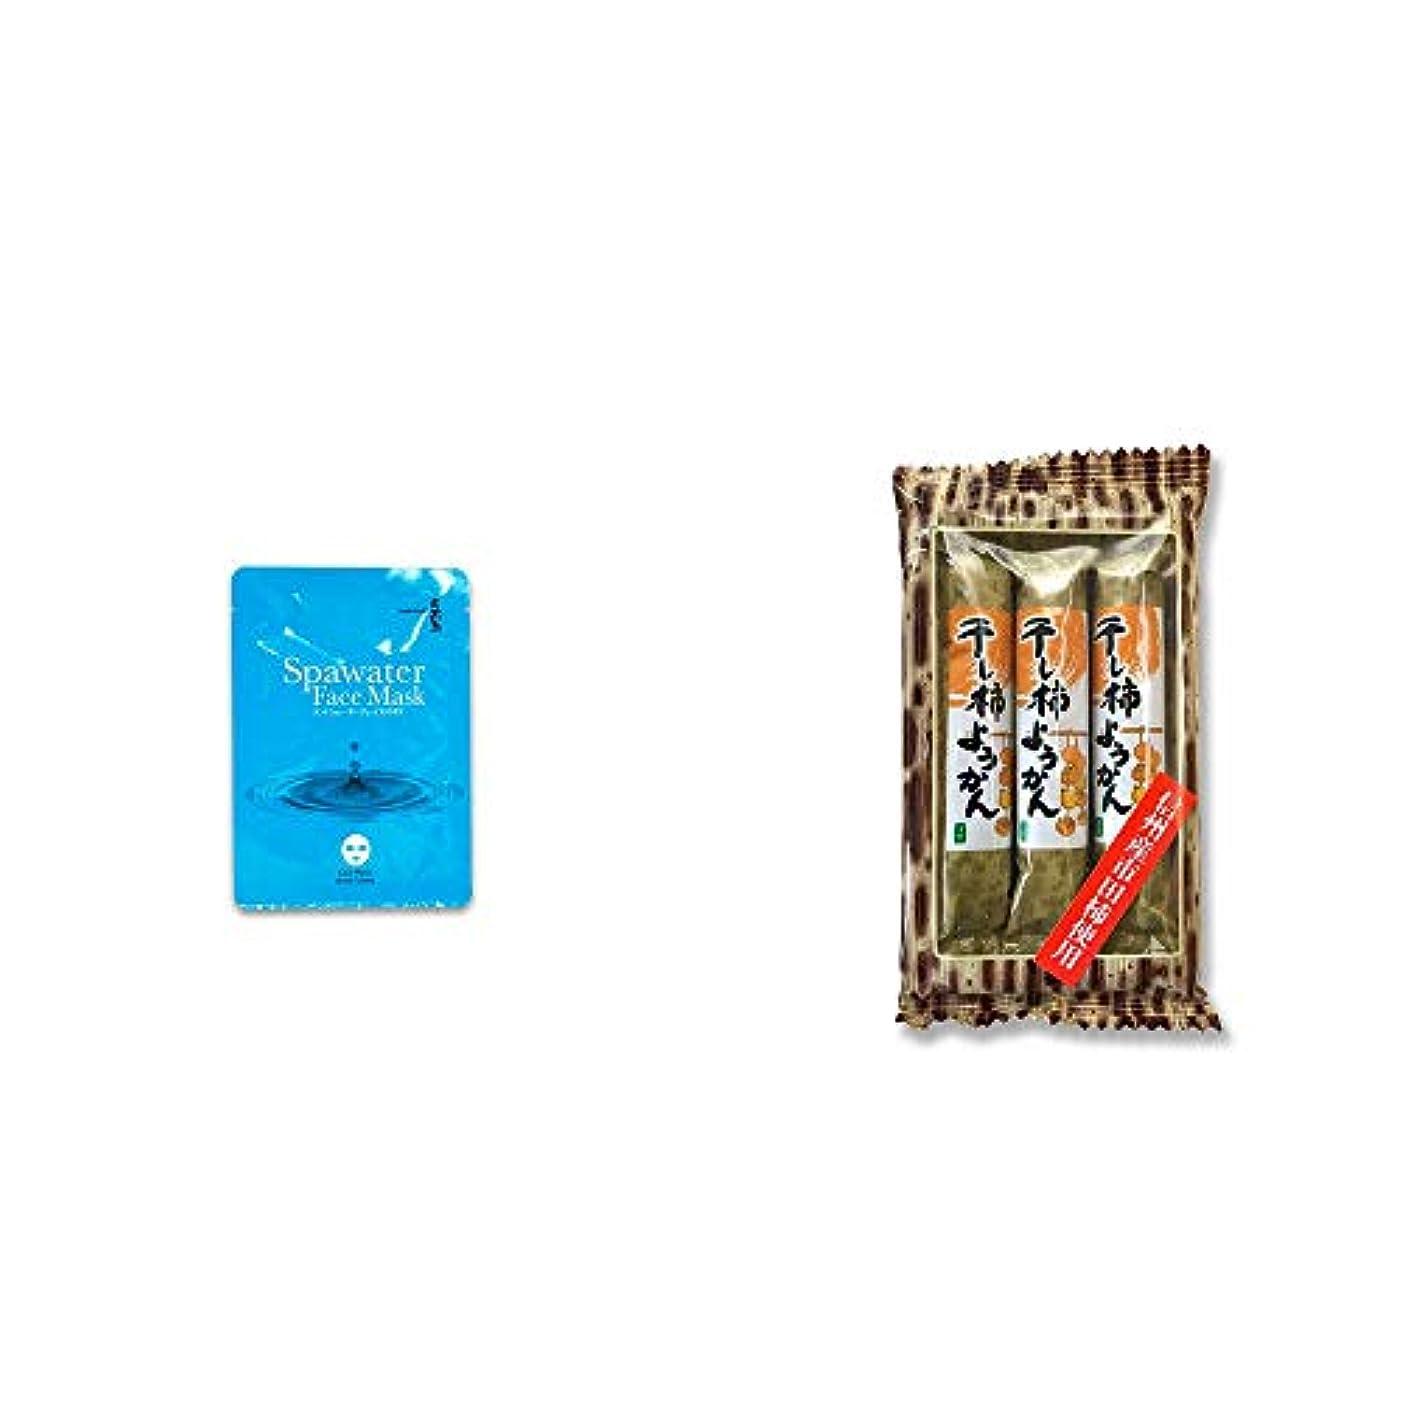 マイクロフォンやがてメドレー[2点セット] ひのき炭黒泉 スパウォーターフェイスマスク(18ml×3枚入)?信州産市田柿使用 スティックようかん[柿](50g×3本)